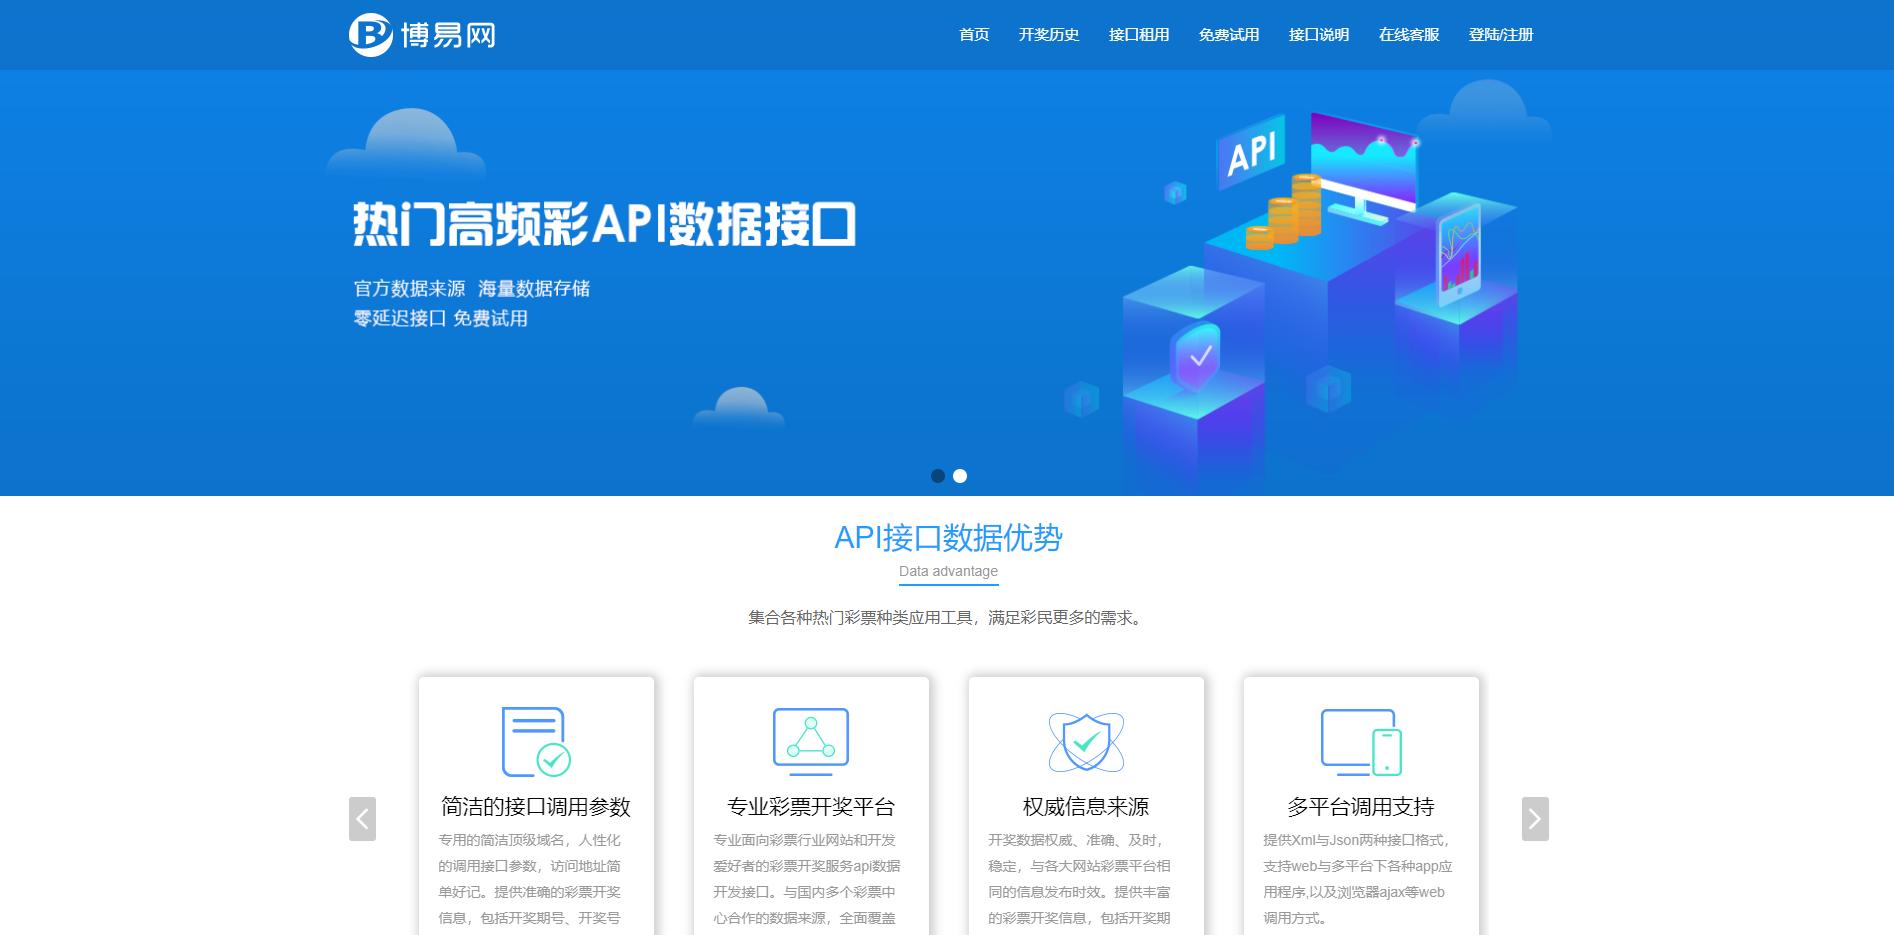 【亲测】KJ博易API接口|免费接口源码|自动采集|php接口网站源码|支持xml|JSON-第1张